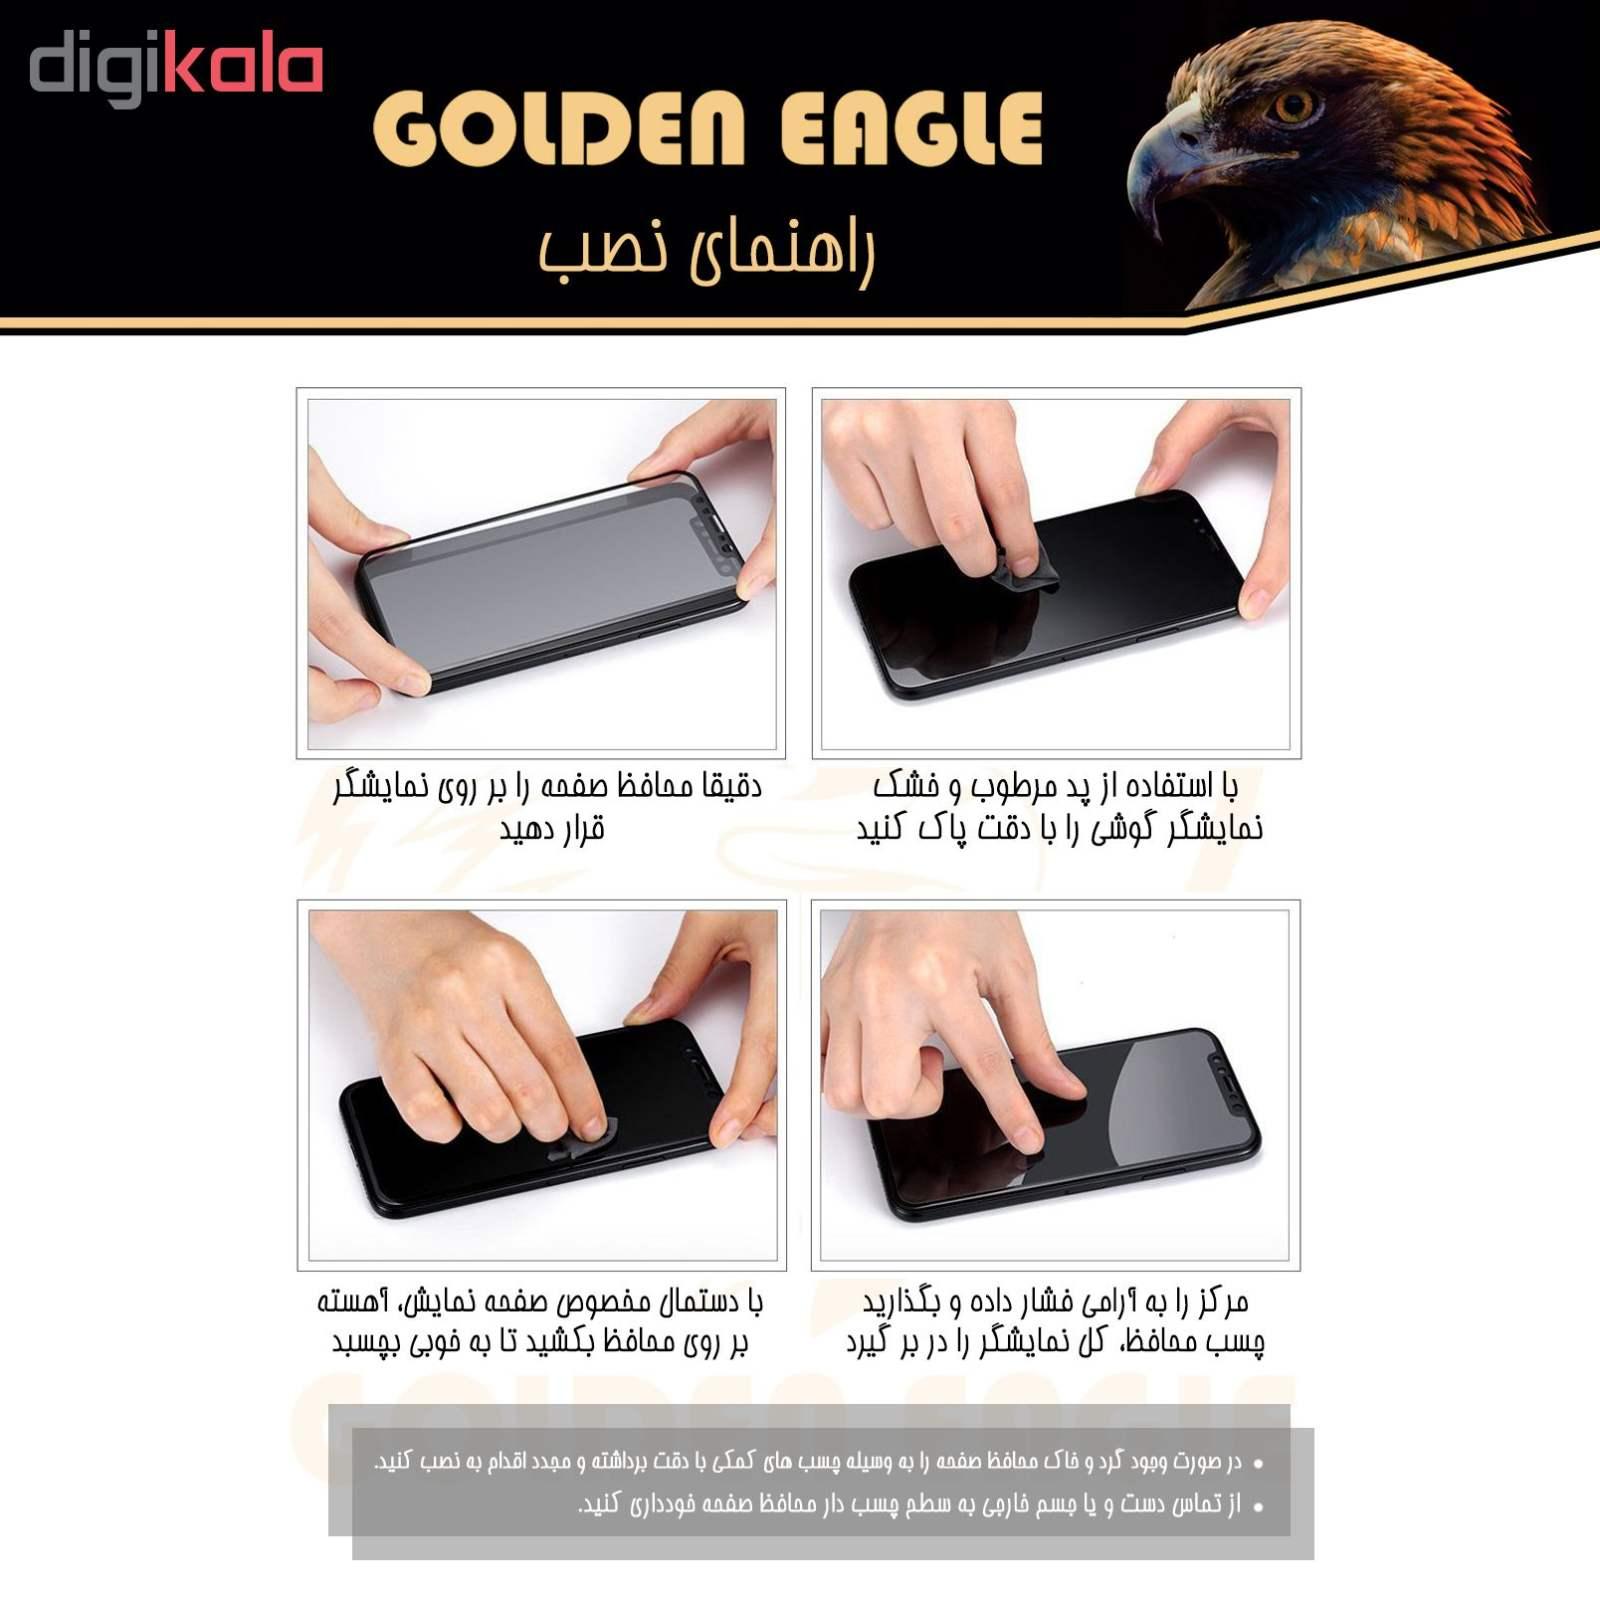 محافظ صفحه نمایش گلدن ایگل مدل GLC-X3 مناسب برای گوشی موبایل سامسونگ Galaxy M30 بسته سه عددی main 1 4